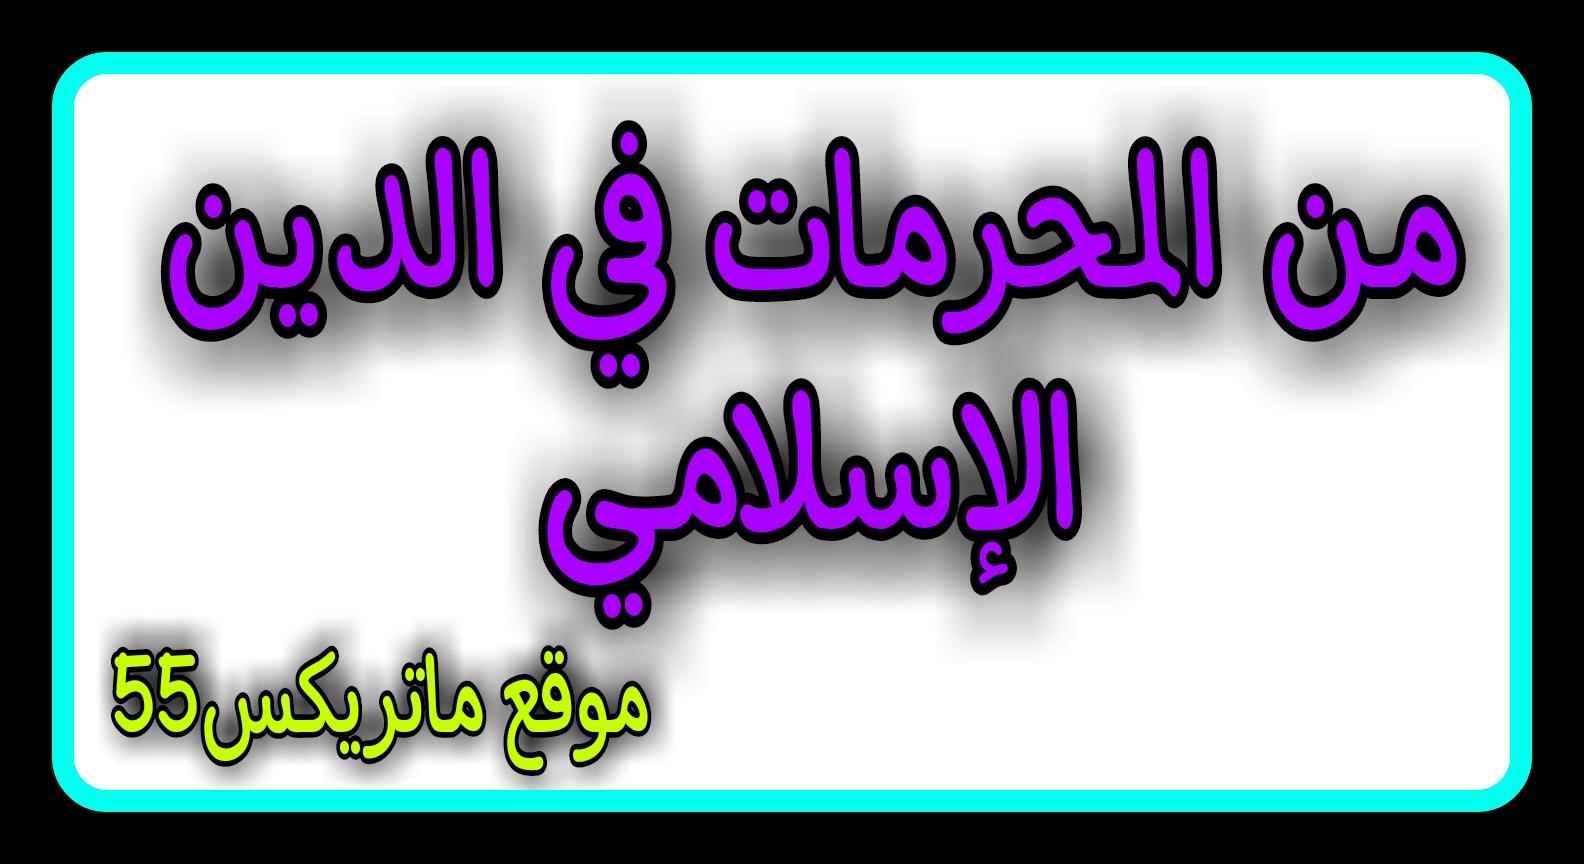 المحرمات في الدين الإسلامي  | نشأة المنهج الاسلامي | نظرية المنهج الاسلامي | المنهج الاسلامي في معاملة الحكام